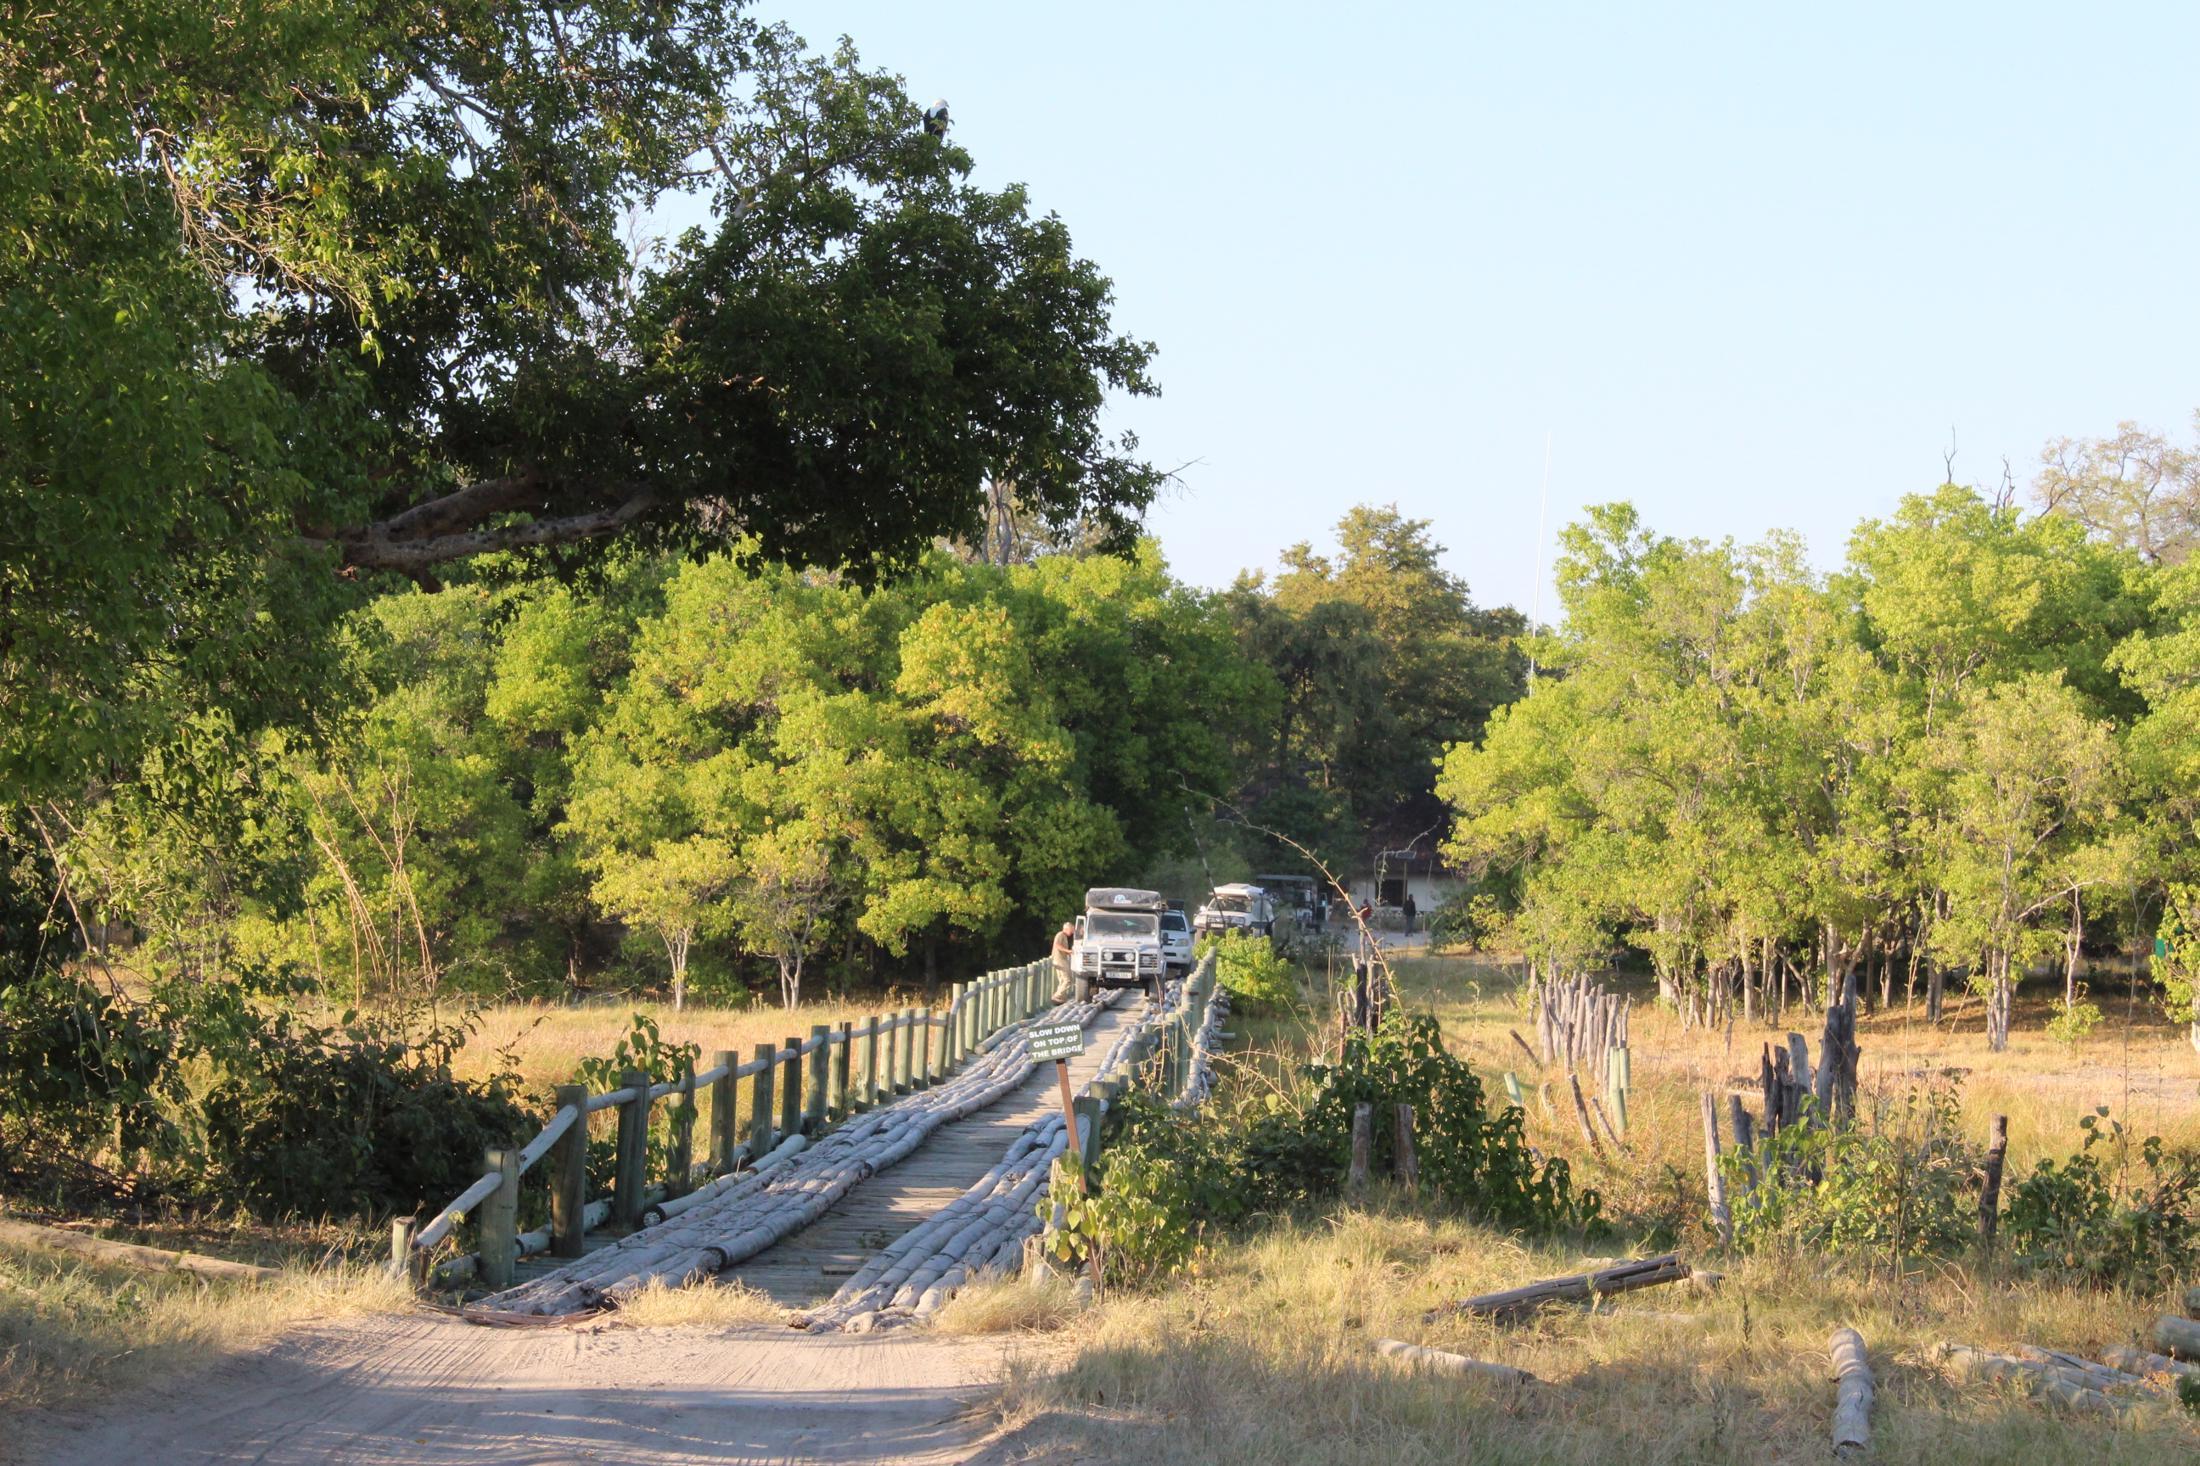 Avontuur & actie reizen Afrika - 4x4 rijden in Botswana